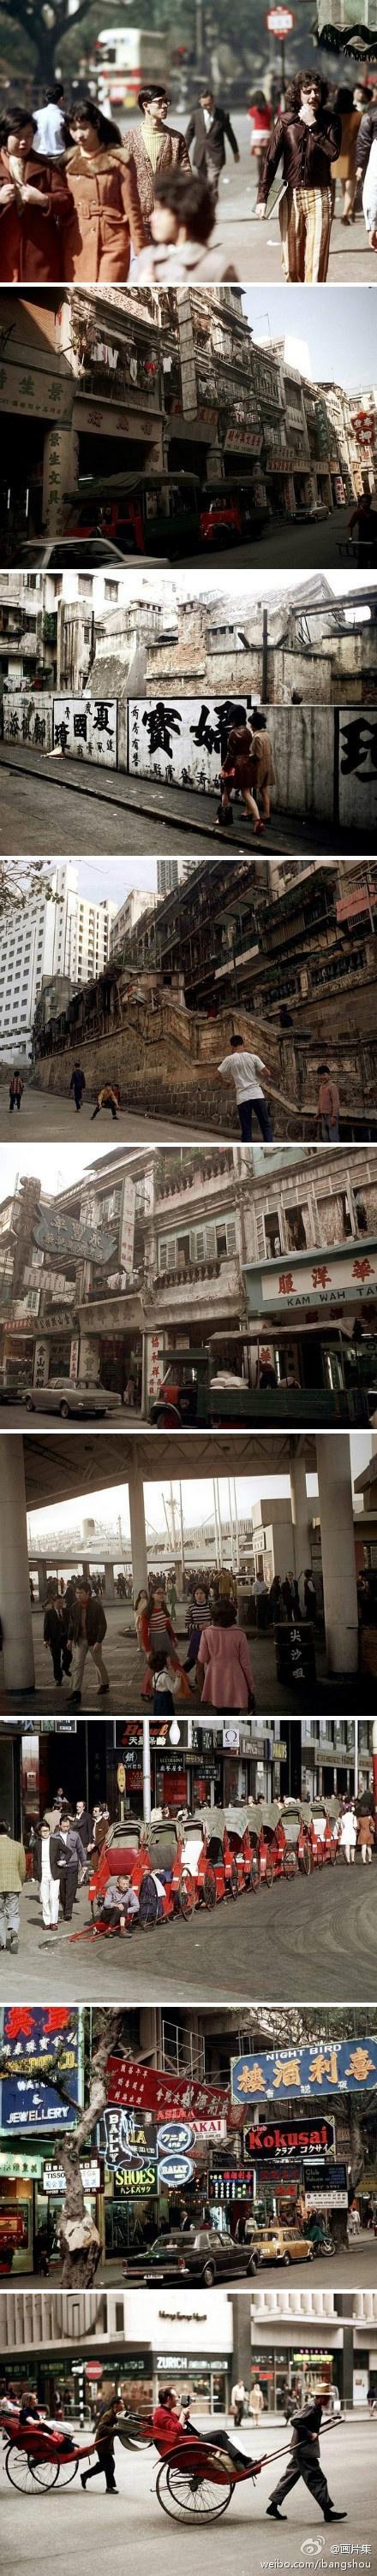 """40年前香港日常生活景象。摄影师尼克·德沃夫在1972年亚洲旅行期间抓拍了香港的日常生活。昔日的""""东方之珠""""远没有如今令人惊叹的天际线和光艳浮华的摩天大楼"""